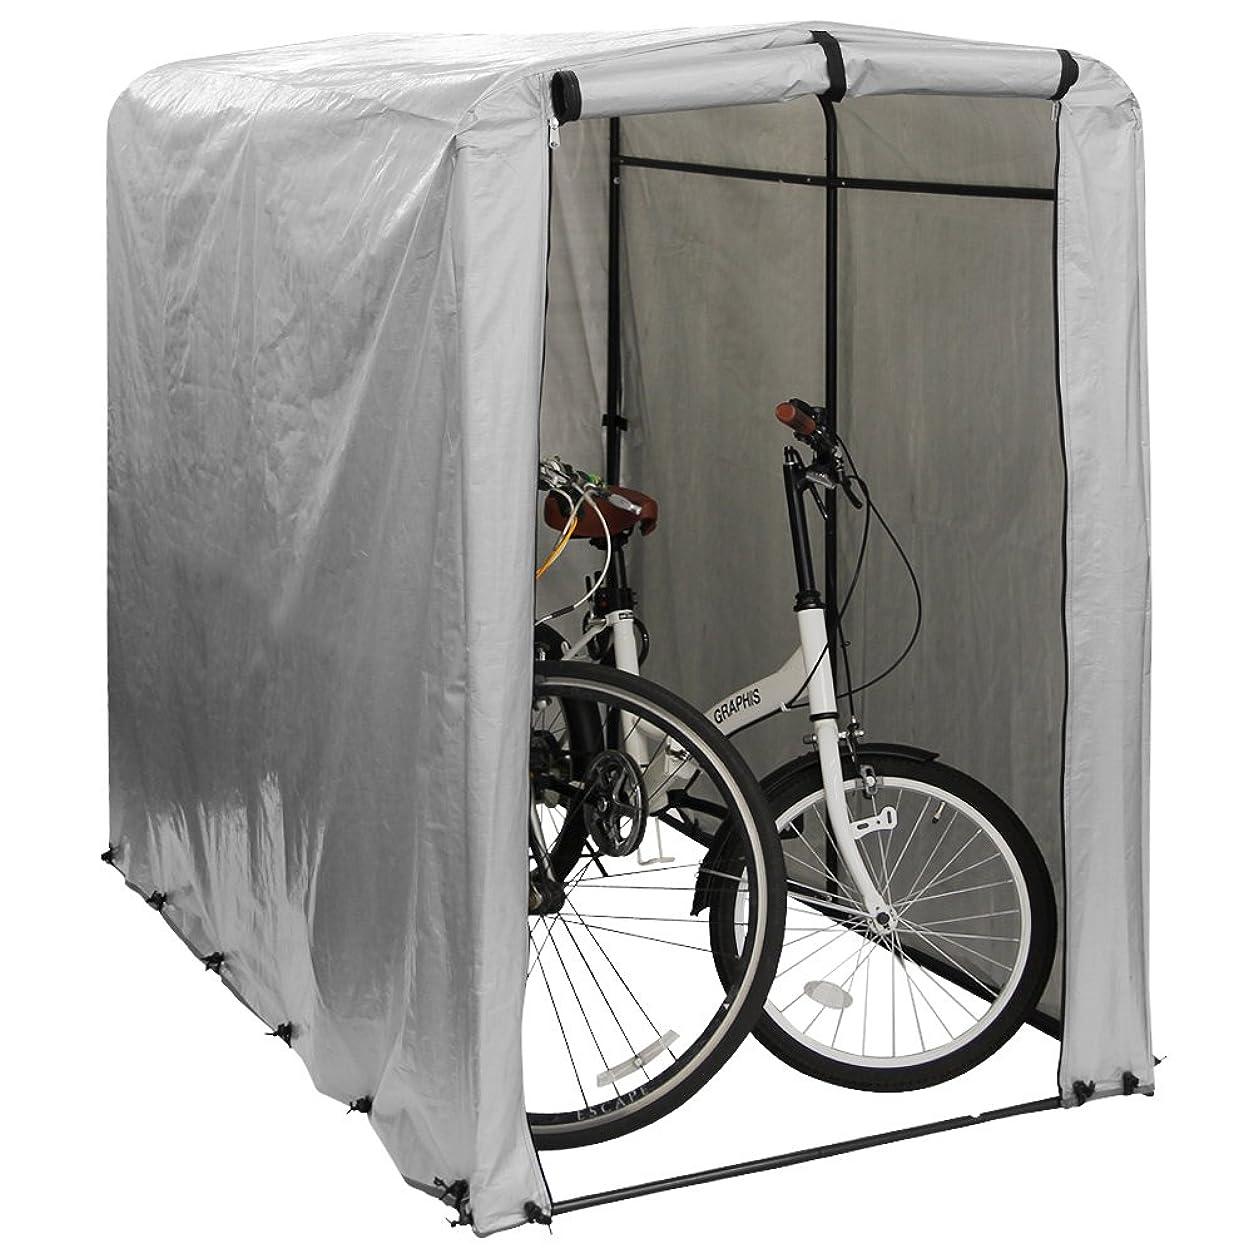 献身スキップパイルWEIMALL 自転車 サイクルハウス 簡易ガレージ 家庭用 自転車置き場 2台用